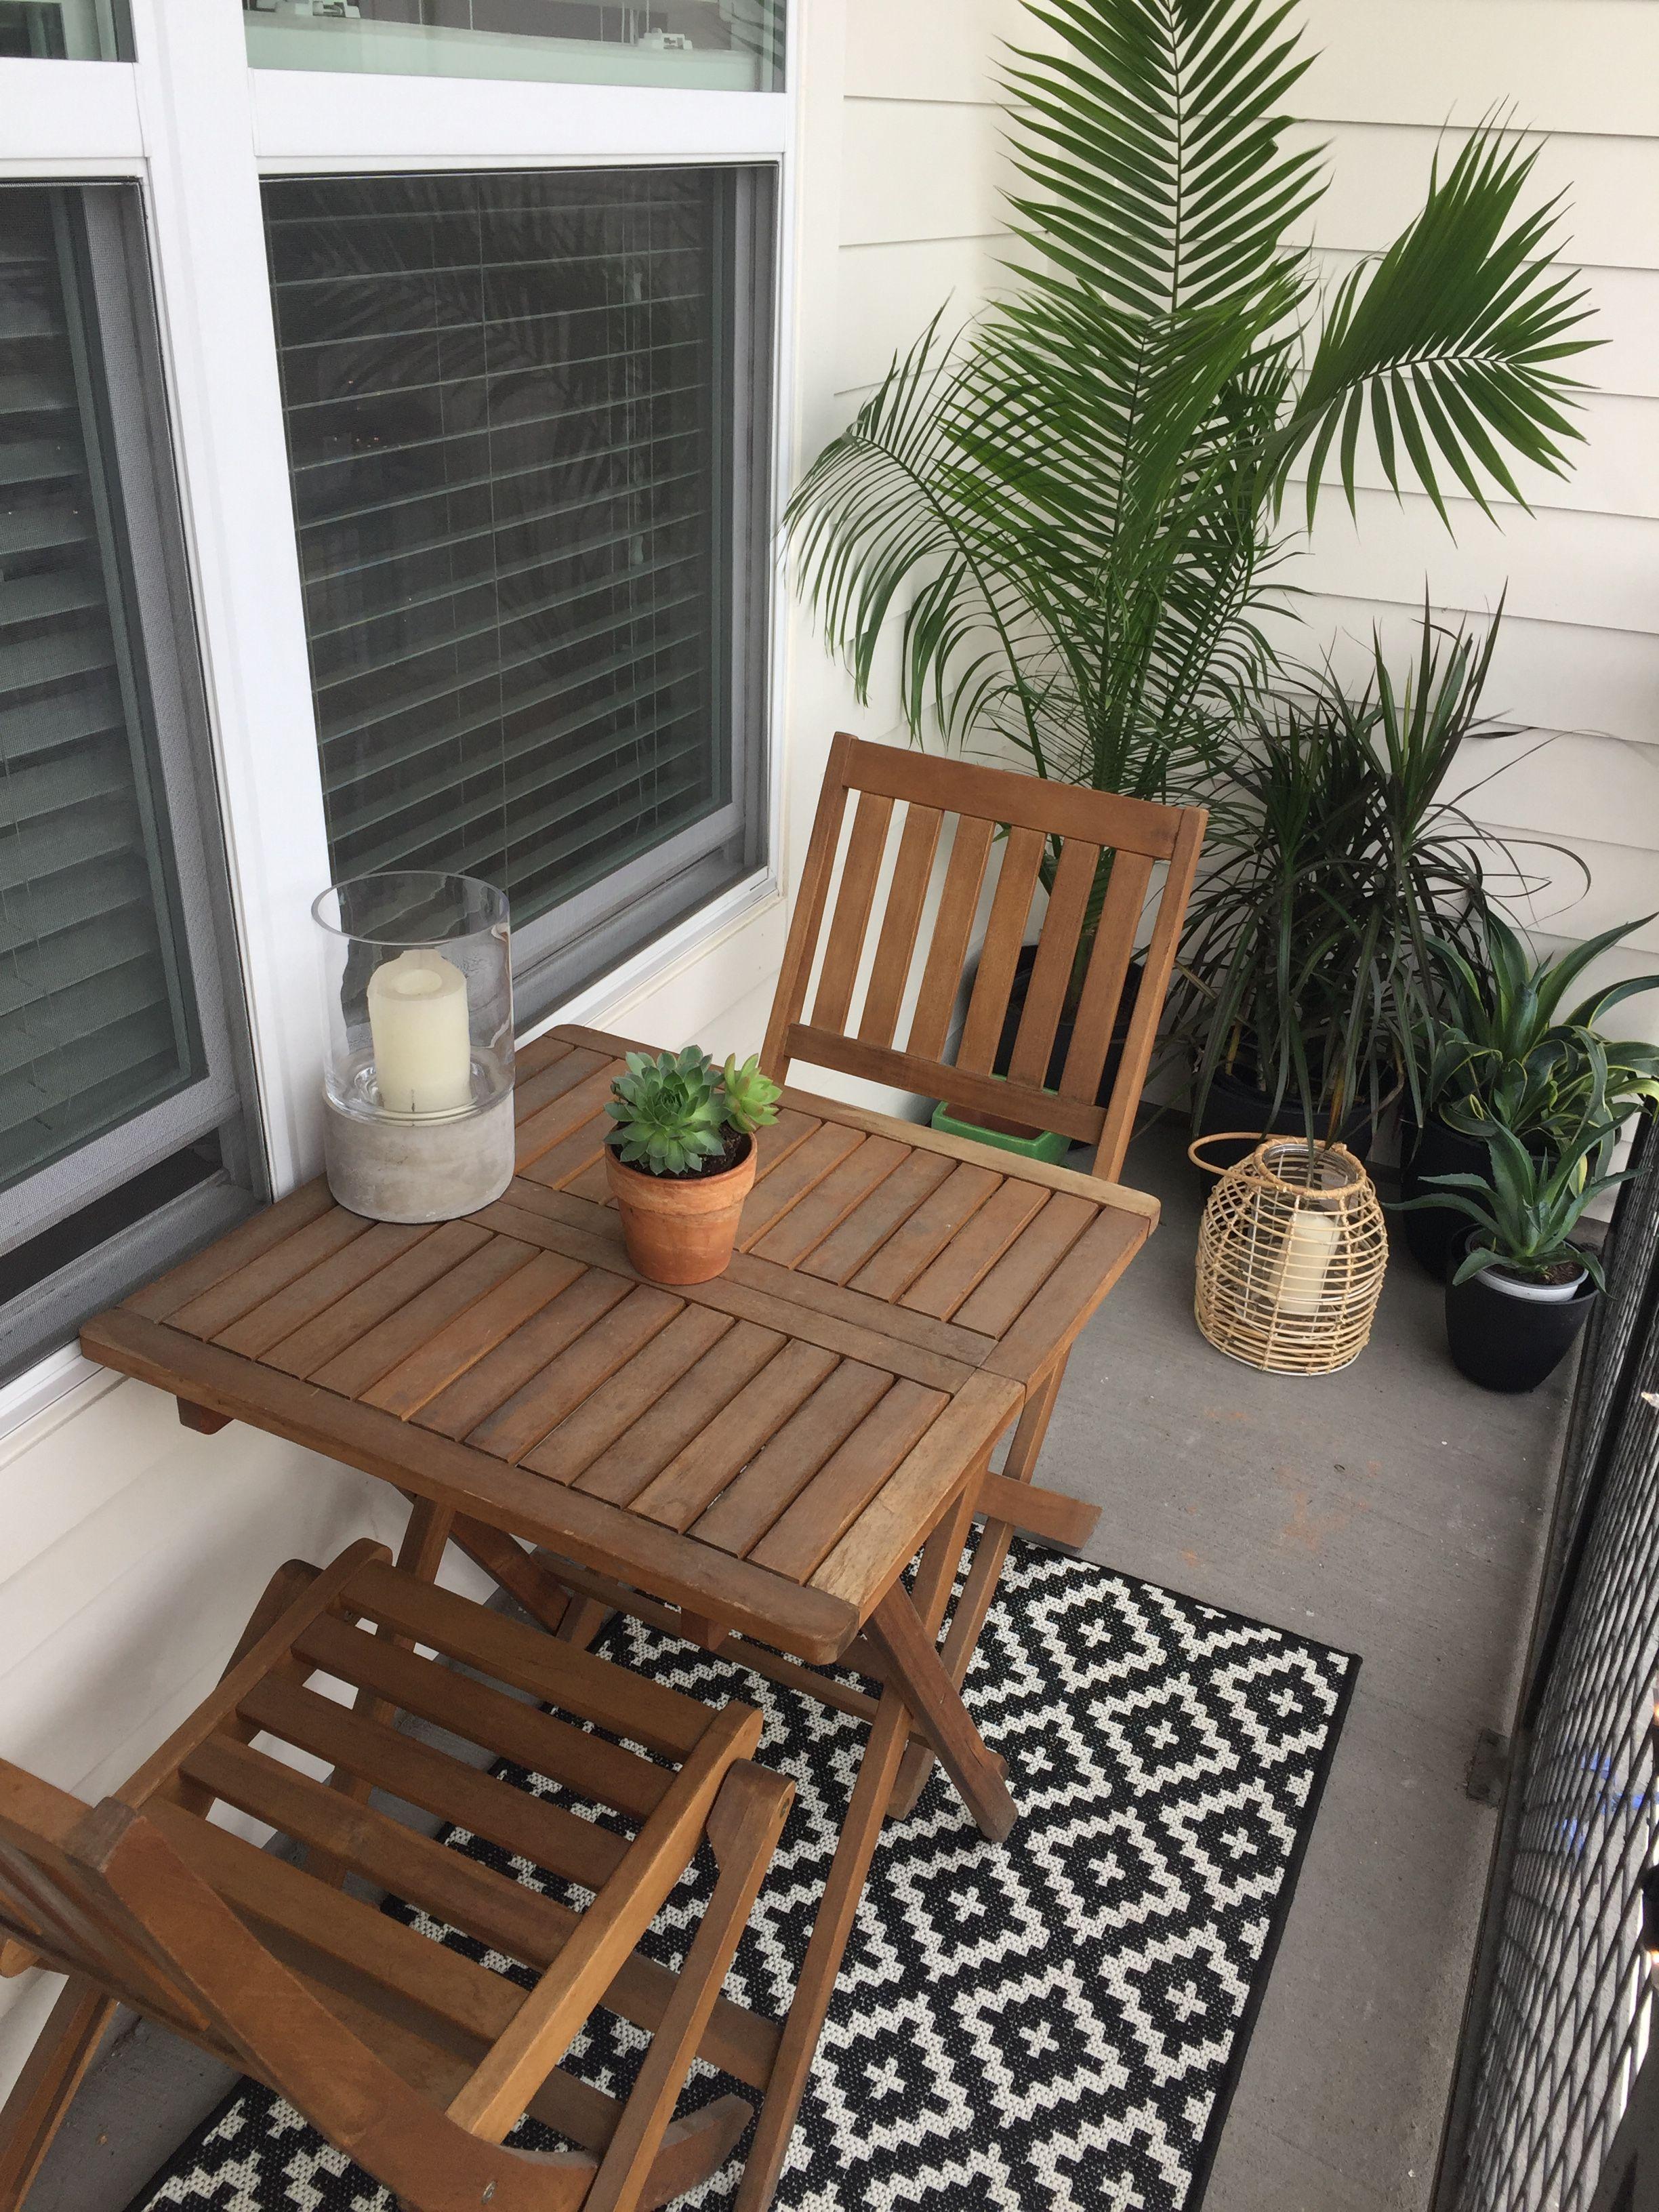 Small Balcony Design And Decor Ideas. Garden. Target